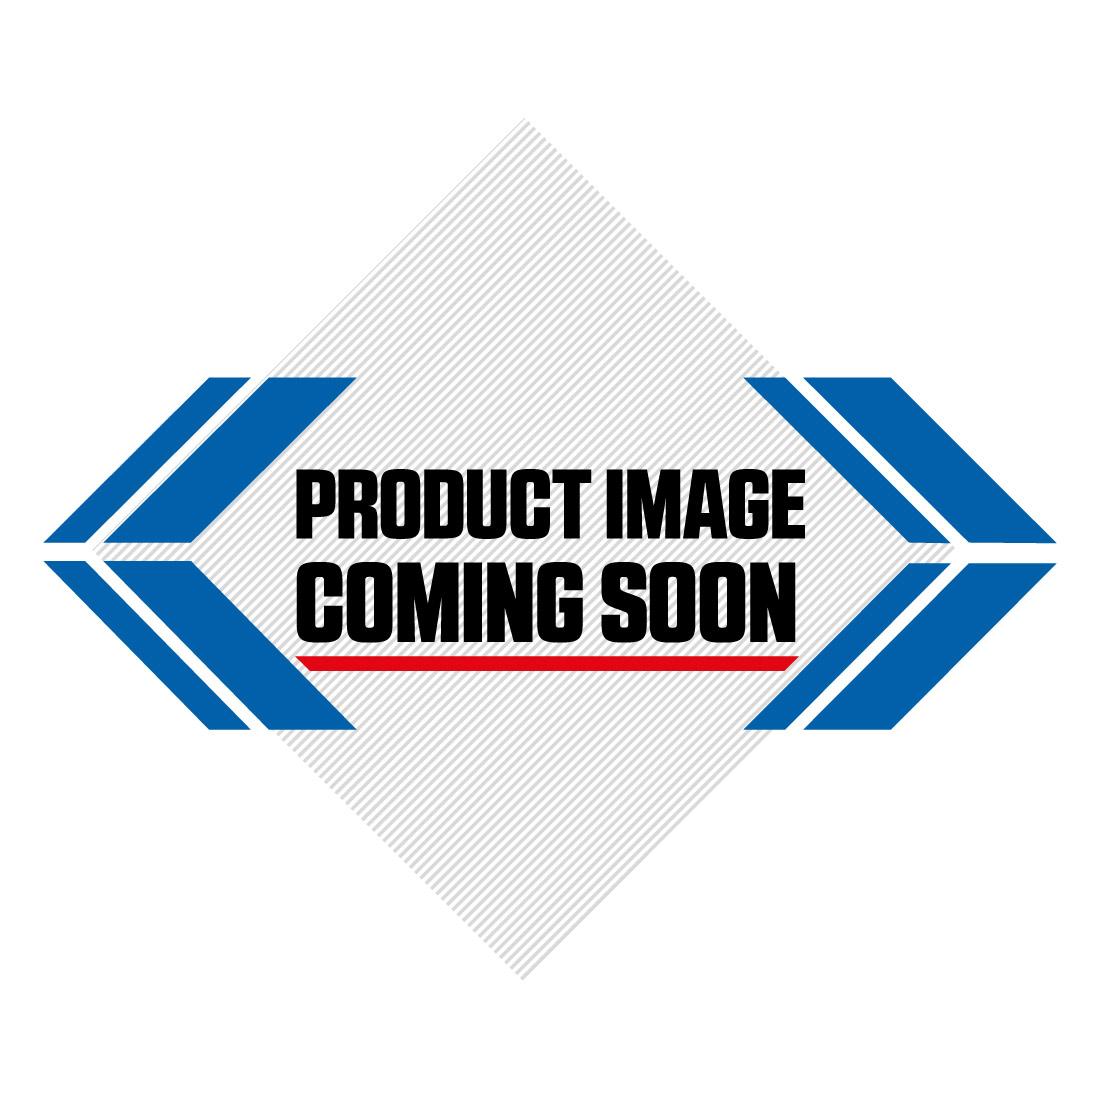 Kawasaki Plastic Kit KX 125 250 (03-04) OEM Factory Image-1>